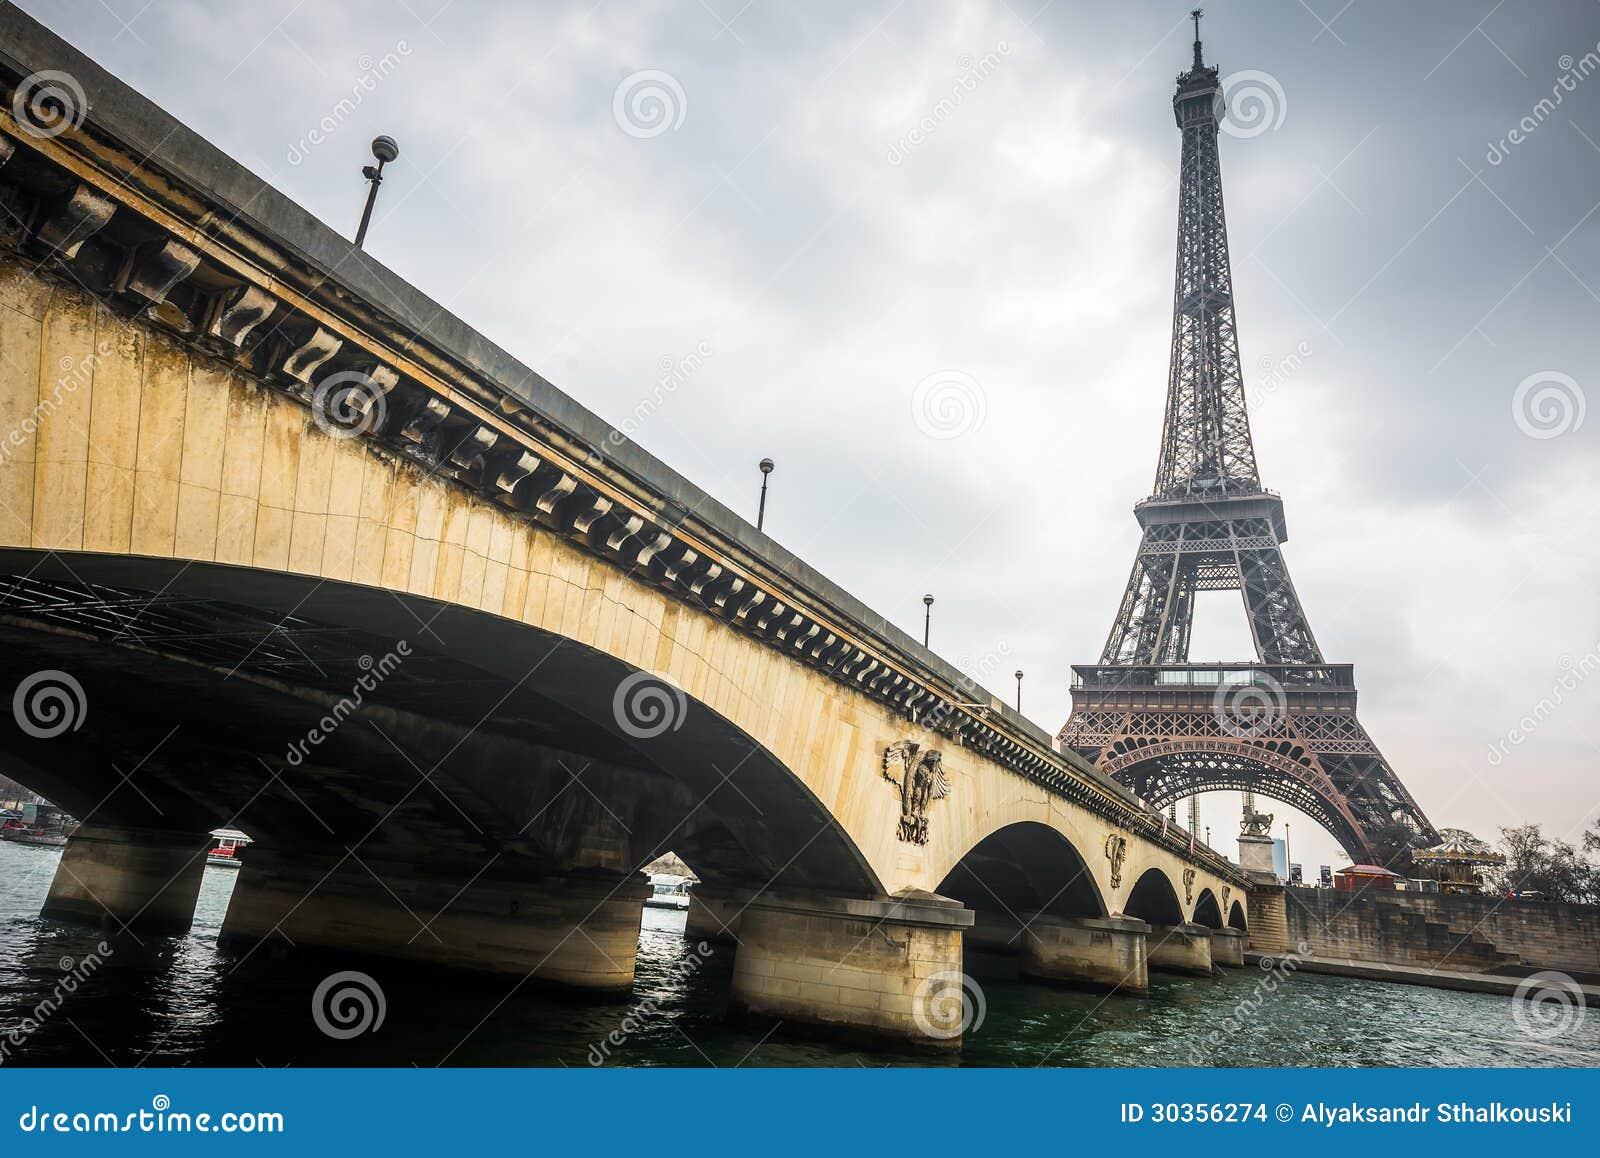 De toren van Eiffel en de brug van Jena in een bewolkte dag